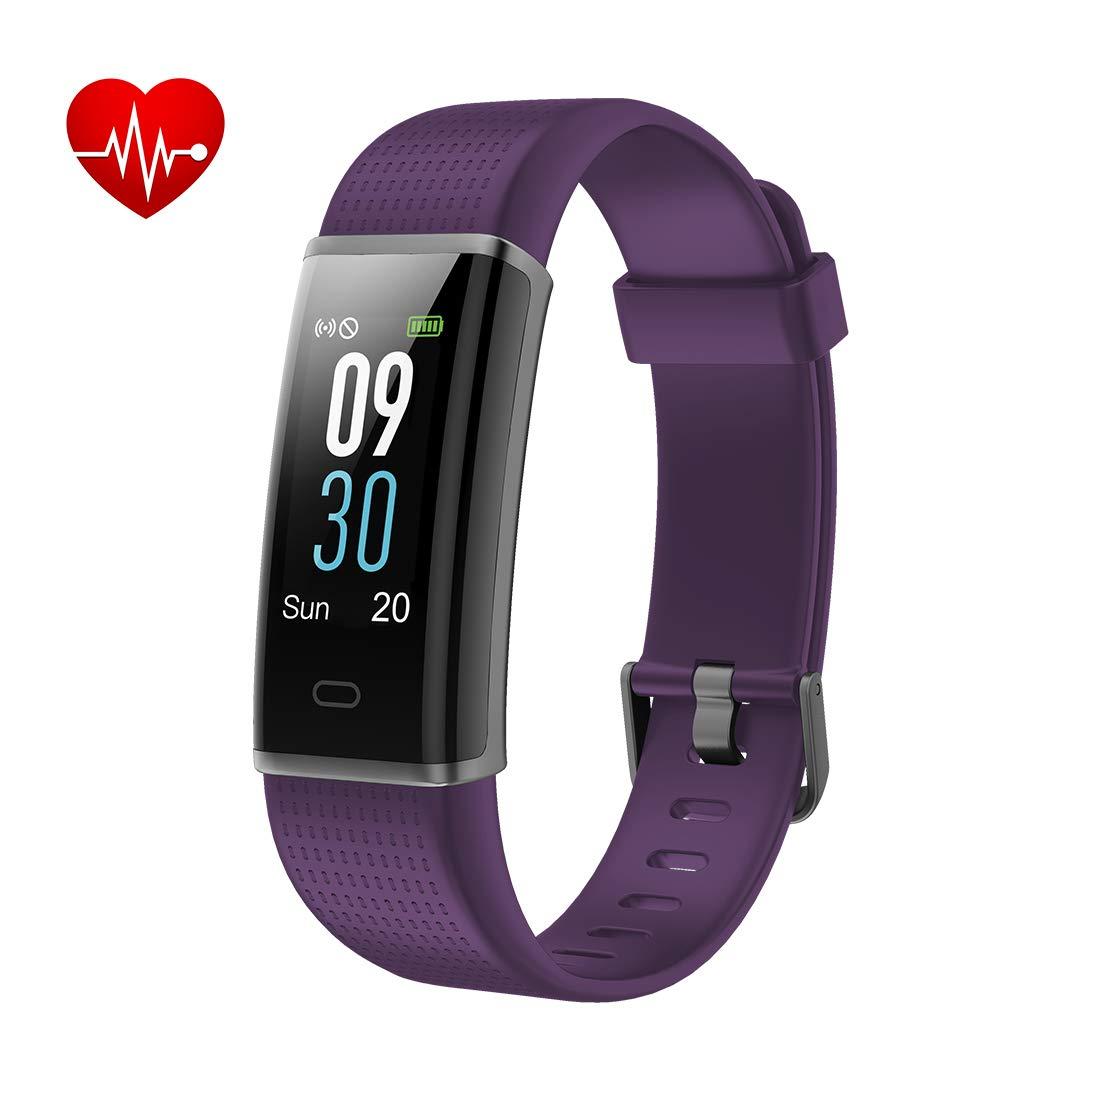 Yuanguo Pulsera de Actividad Monitores de Actividad IP68 Monitor de Ritmo Cardíaco a Prueba de Agua Podómetro Monitor de Sueño Contador de Calorías Reloj ...